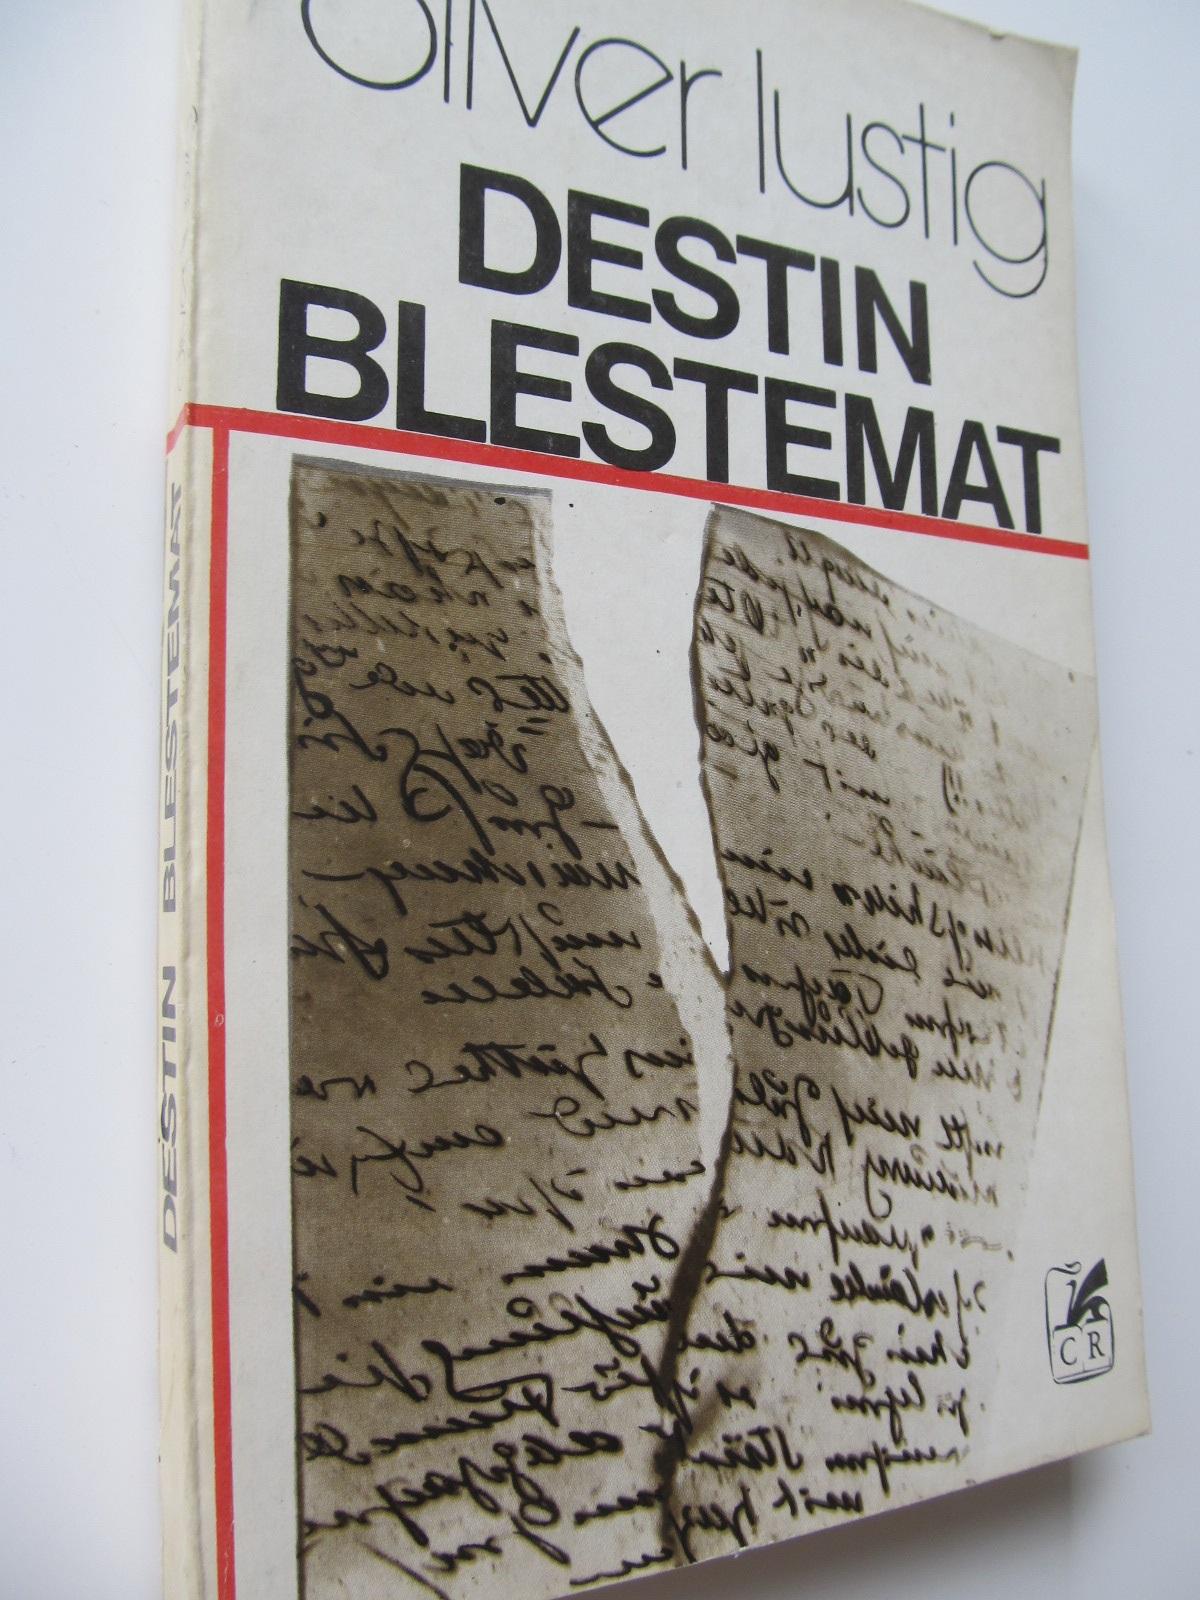 Destin blestemat - Oliver Lustig | Detalii carte